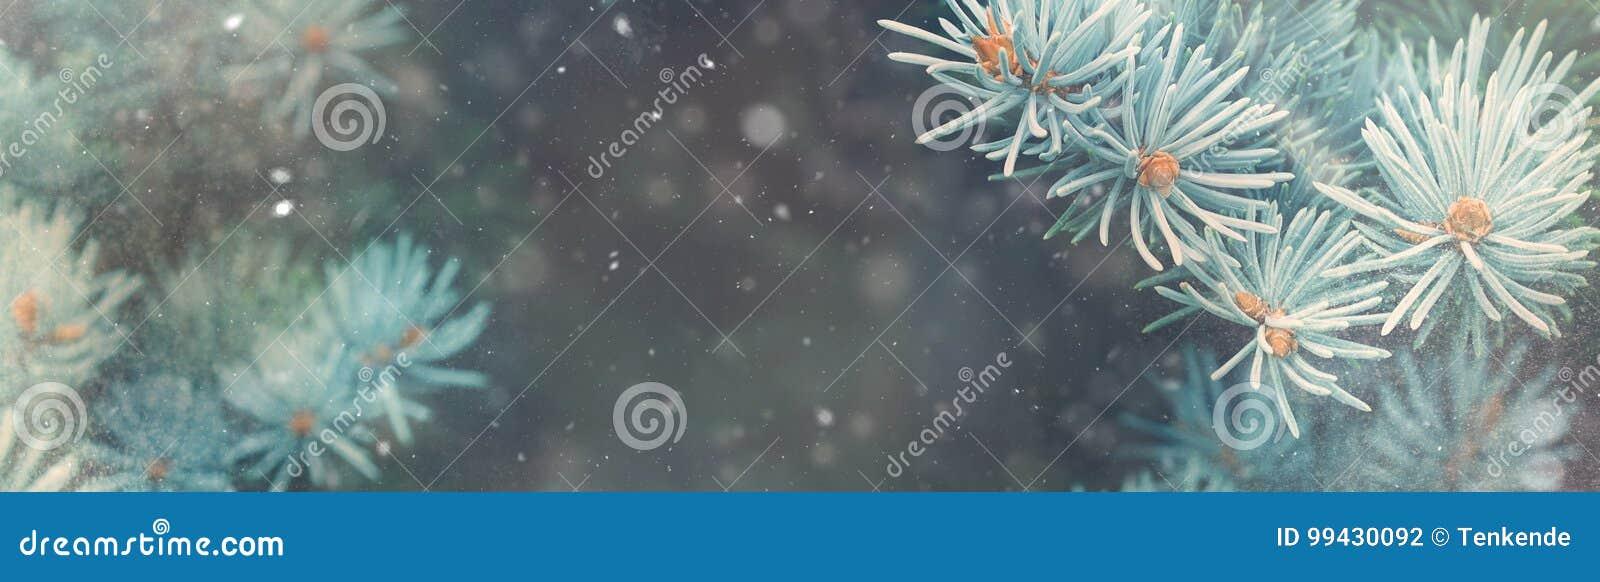 Caída de la nieve en bandera de la magia de la naturaleza de la Navidad del bosque del invierno